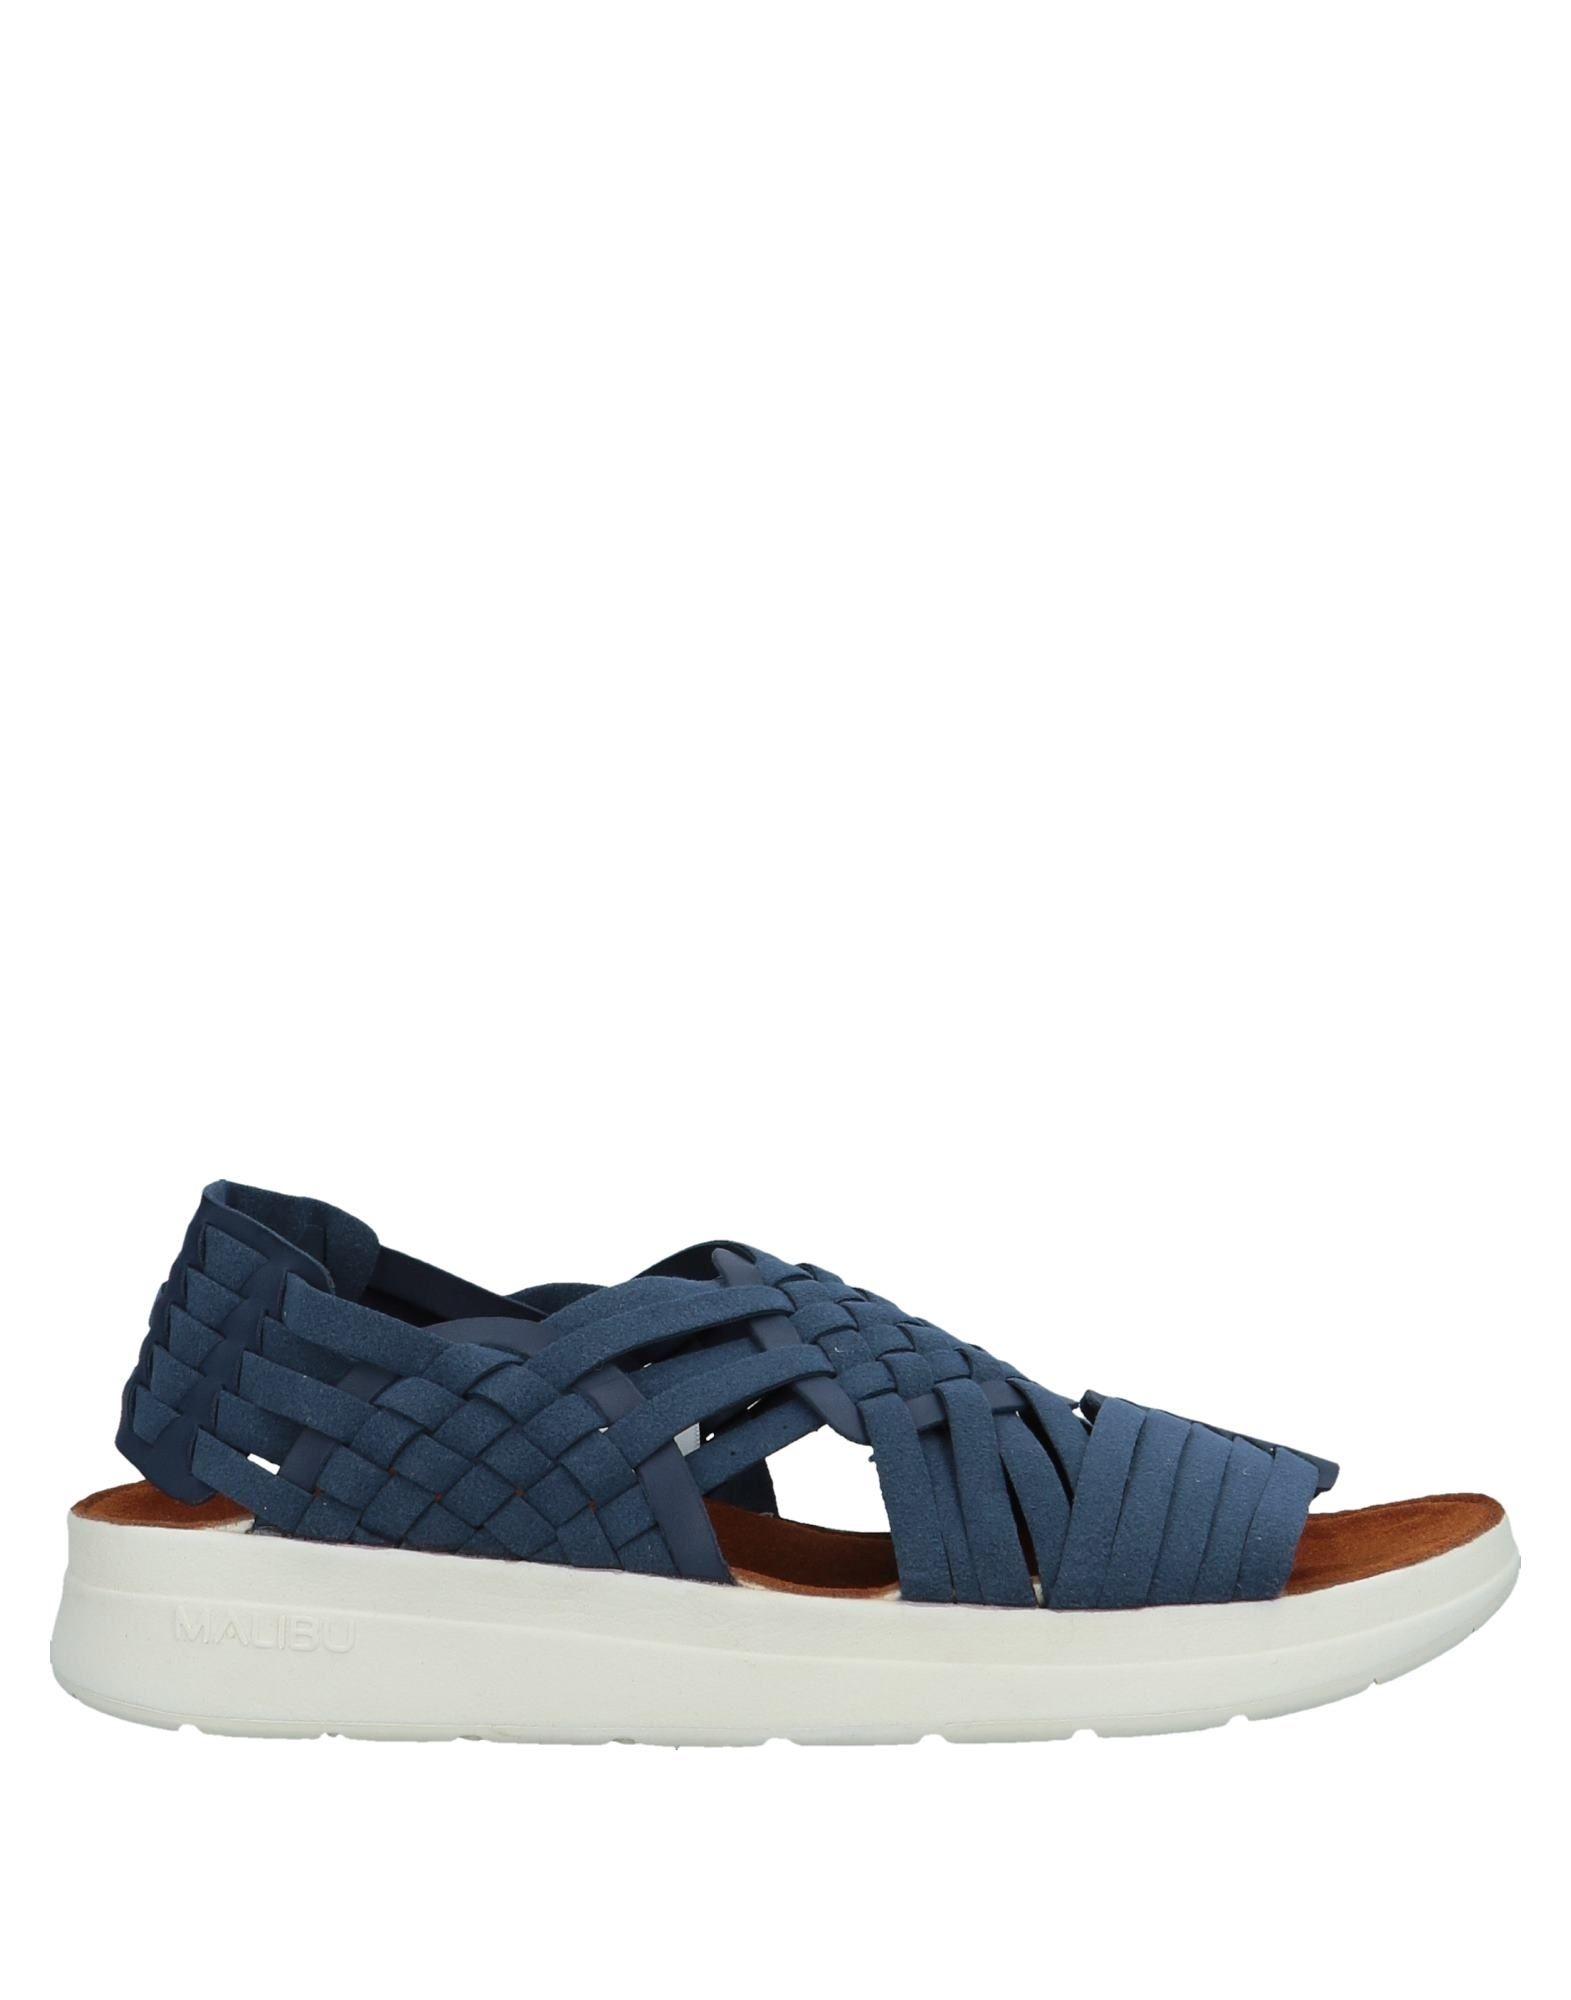 Sandali Malibu Sandals™ Uomo - 11562993CL